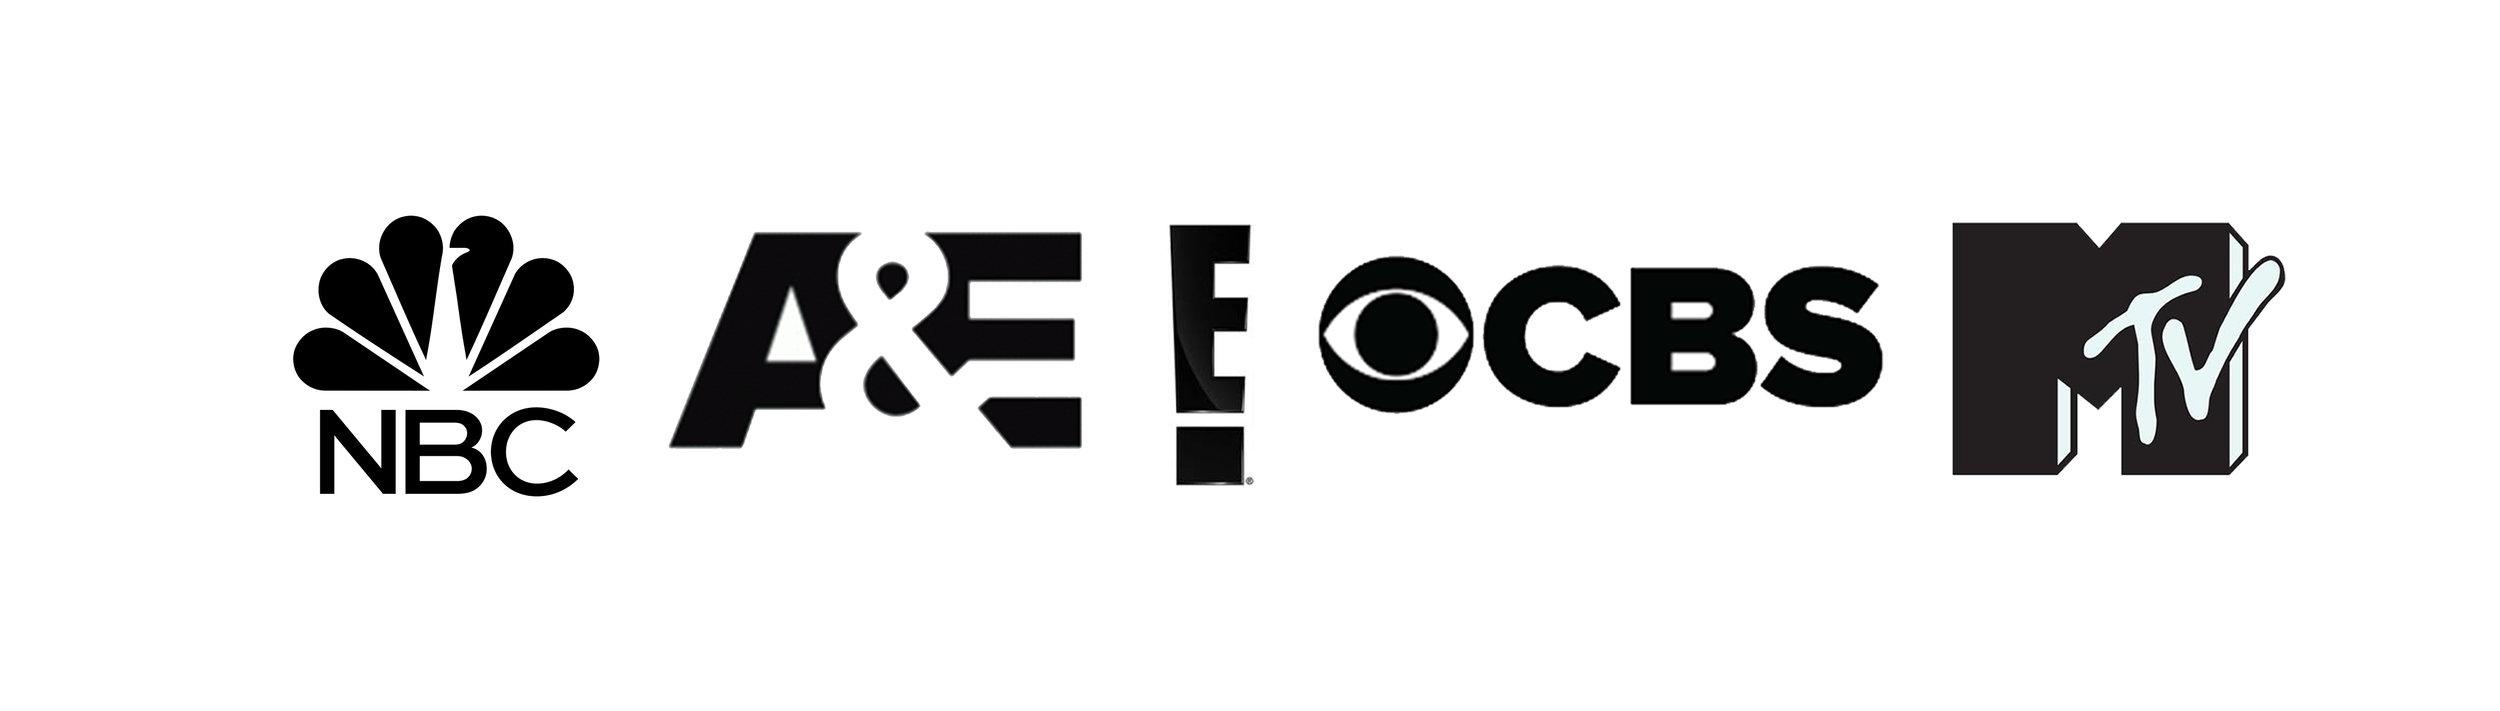 logos website.jpg